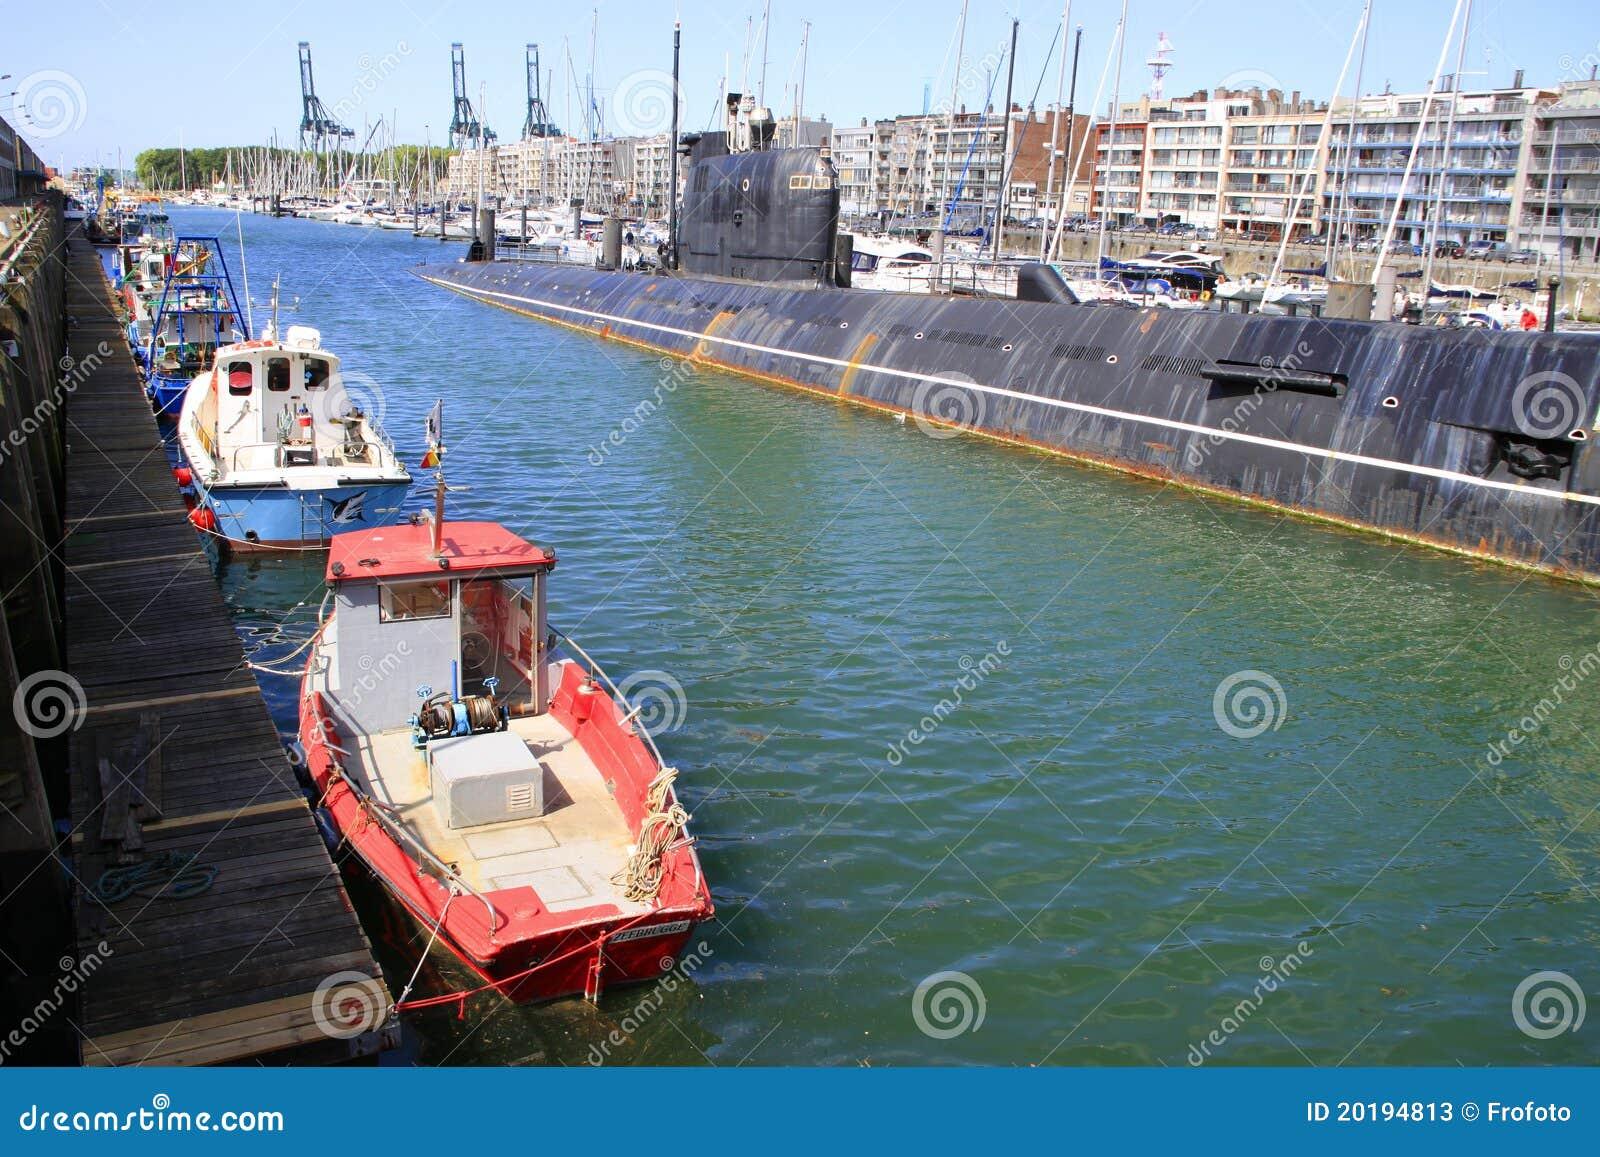 Port of zeebrugge stock photos image 20194813 for Port zeebrugge